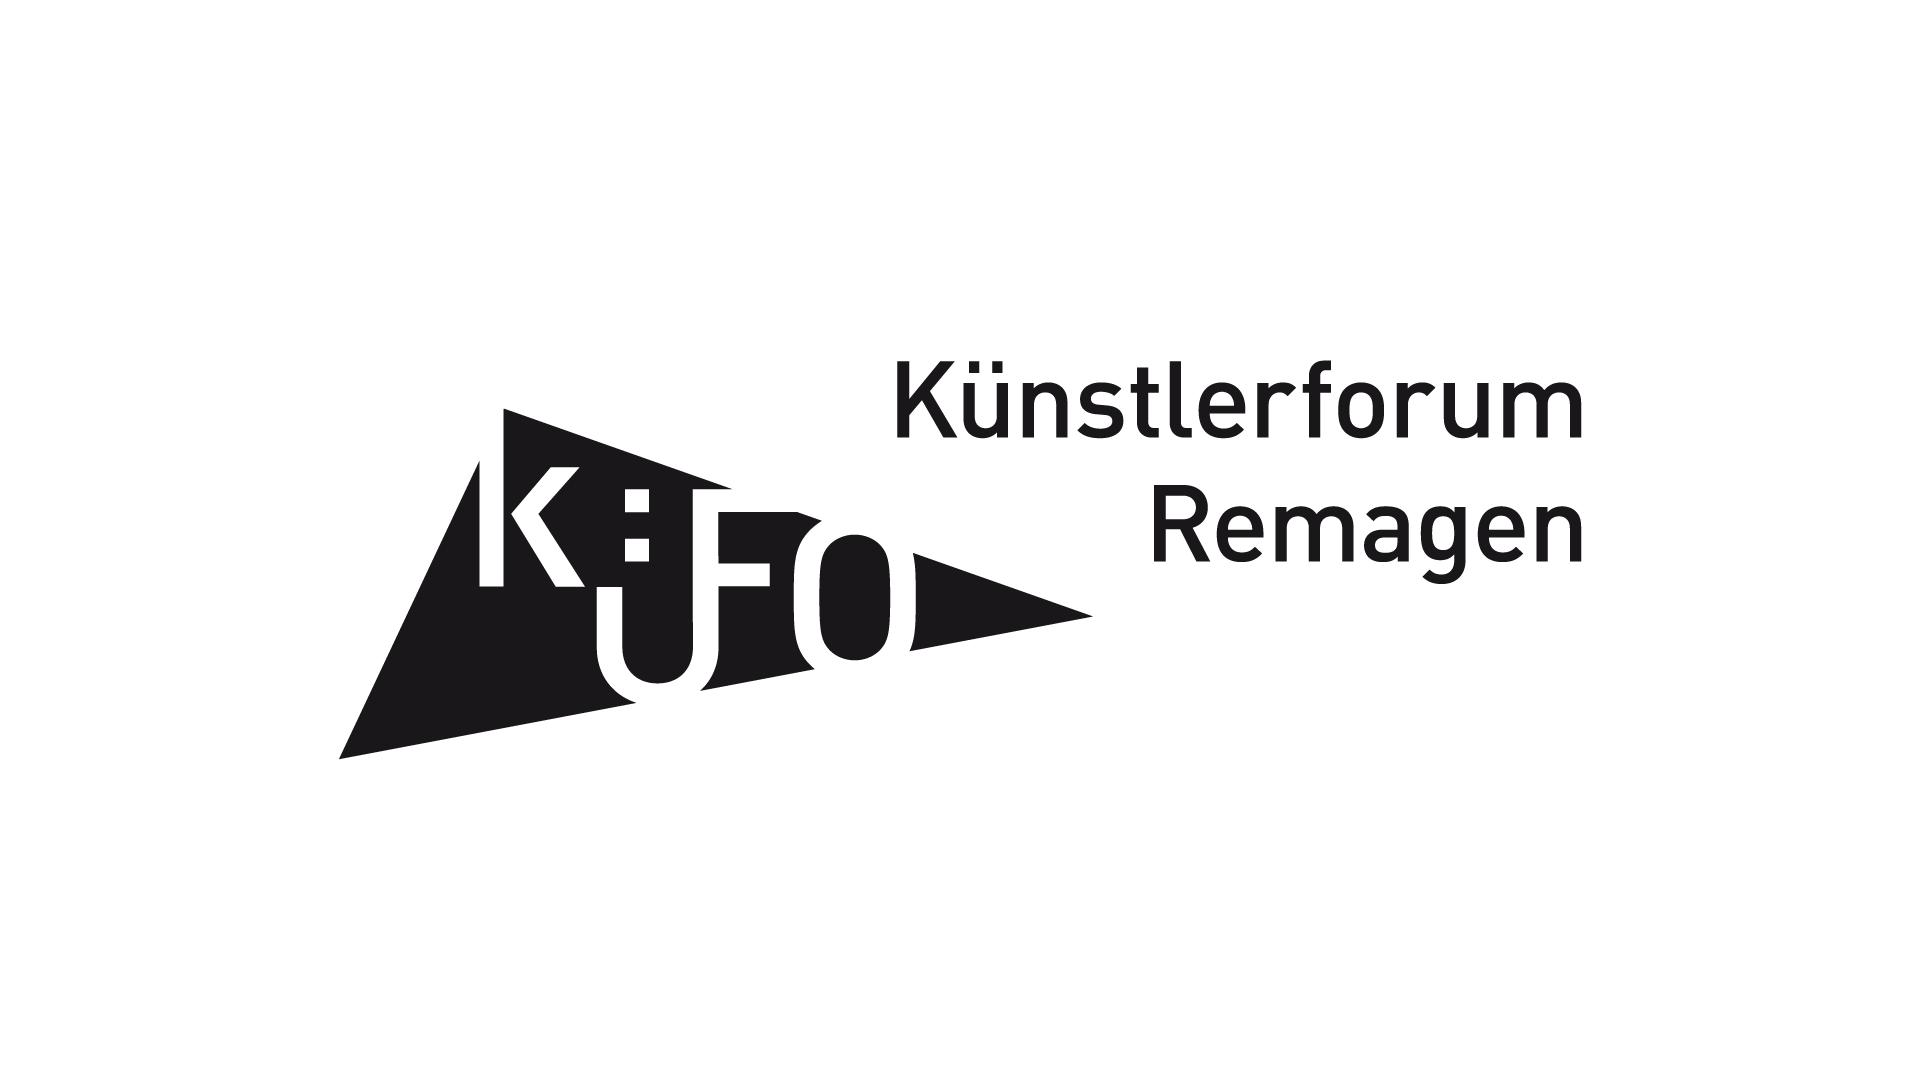 Künstlerforum Remagen Relauch Logo, Einladnungen, Plakate, Web